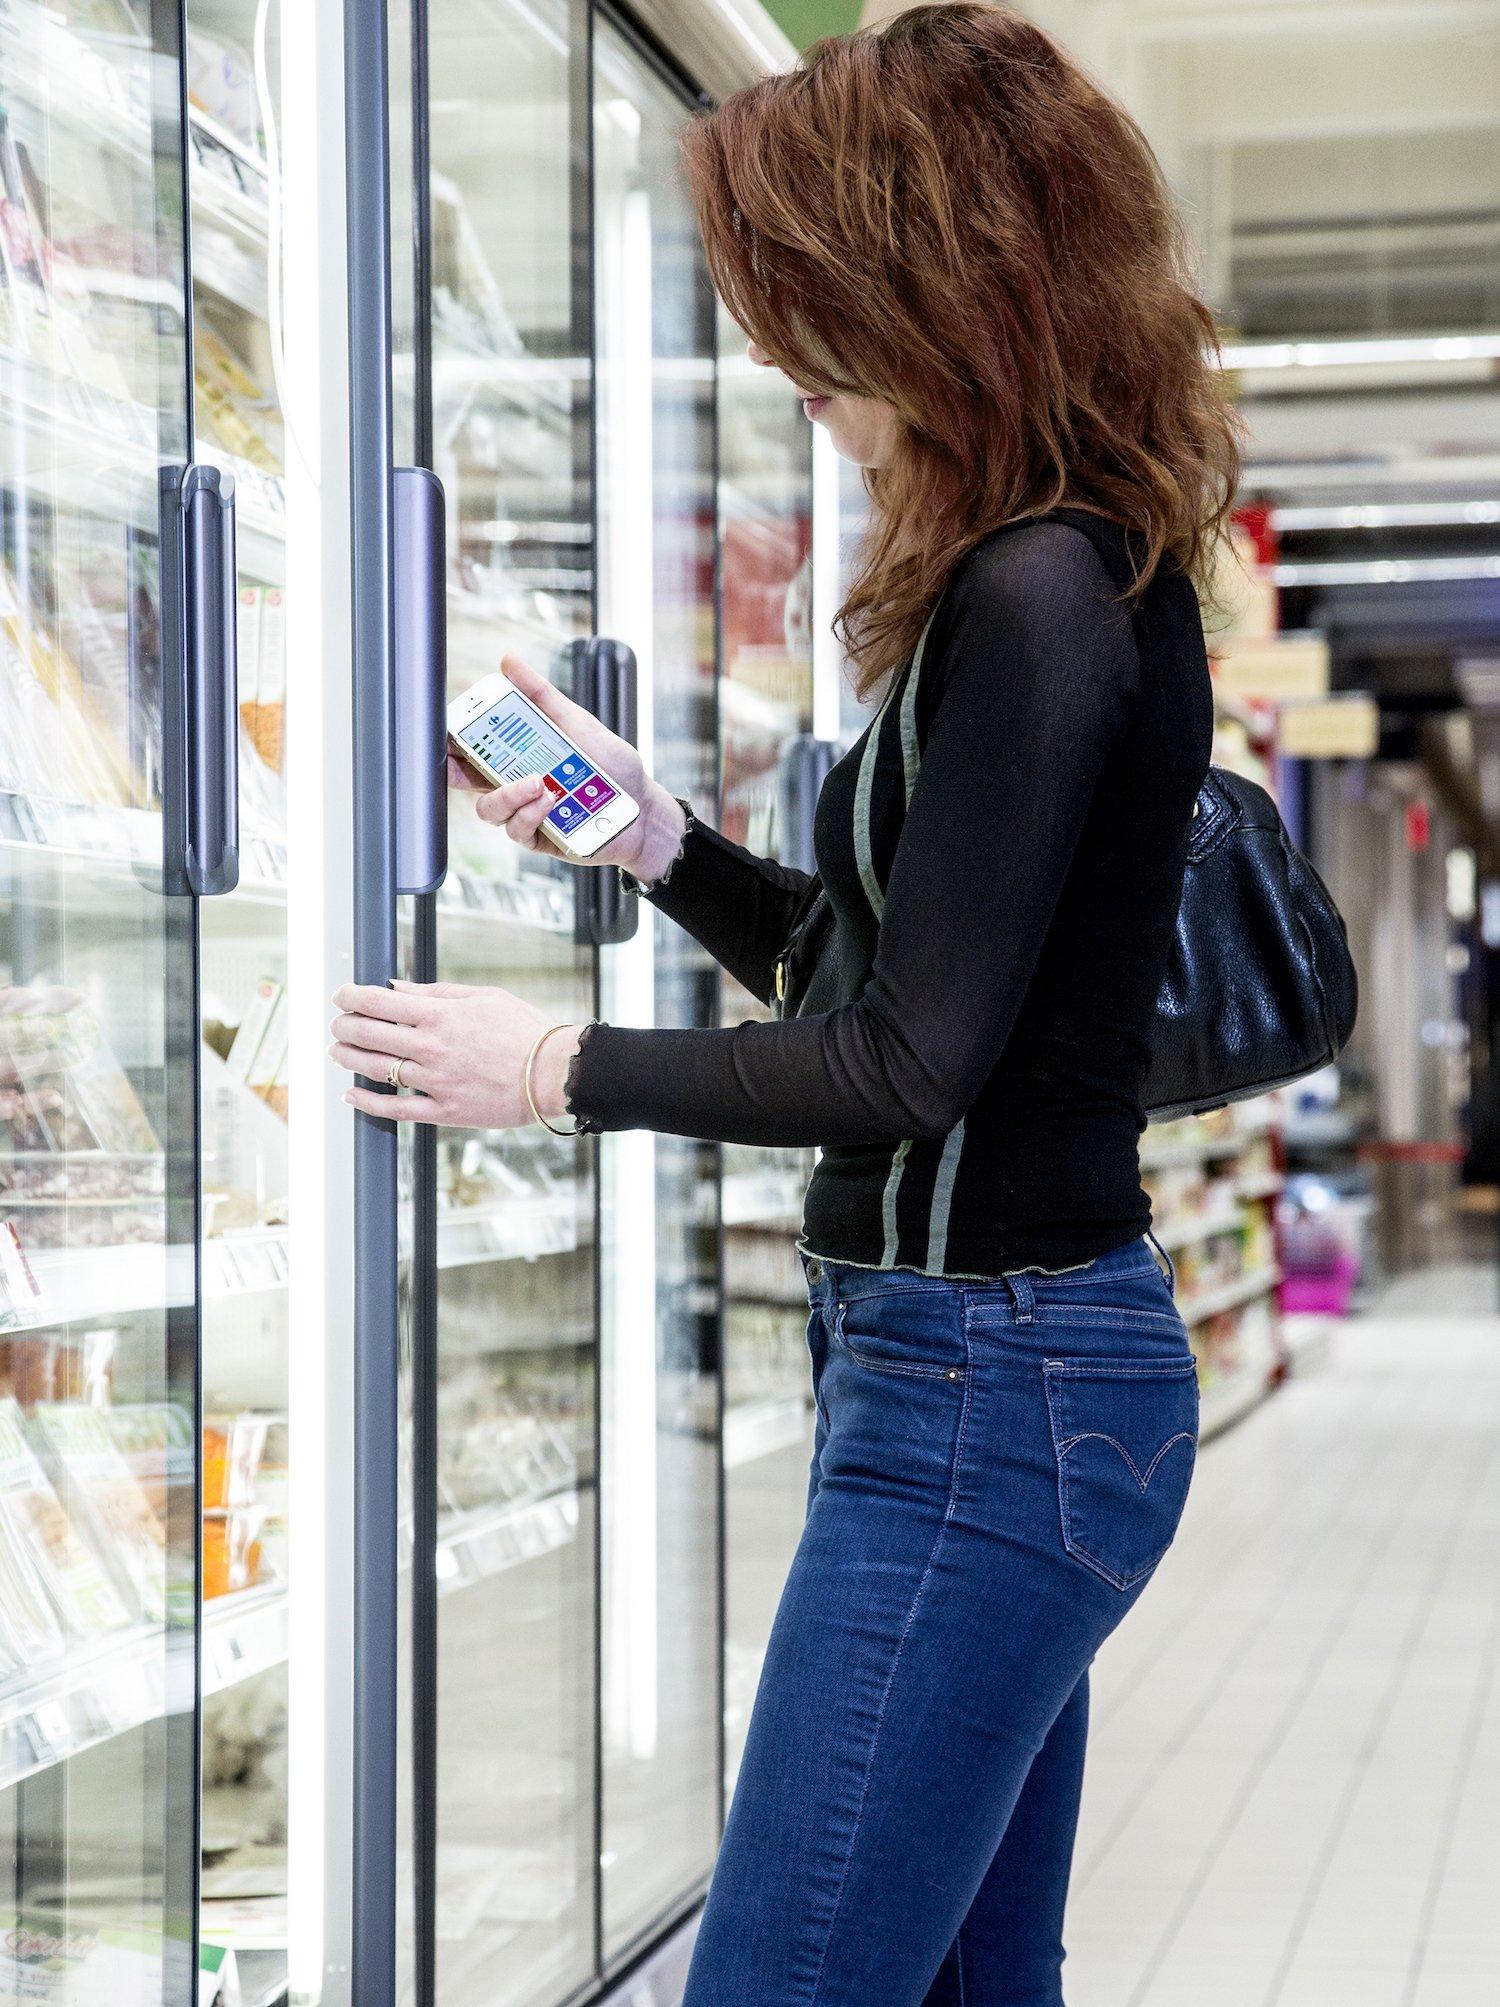 Kein Stress mehr beim Einkaufen: Mit dem Navigationssystem finden Kunden auch Sonderangebote.